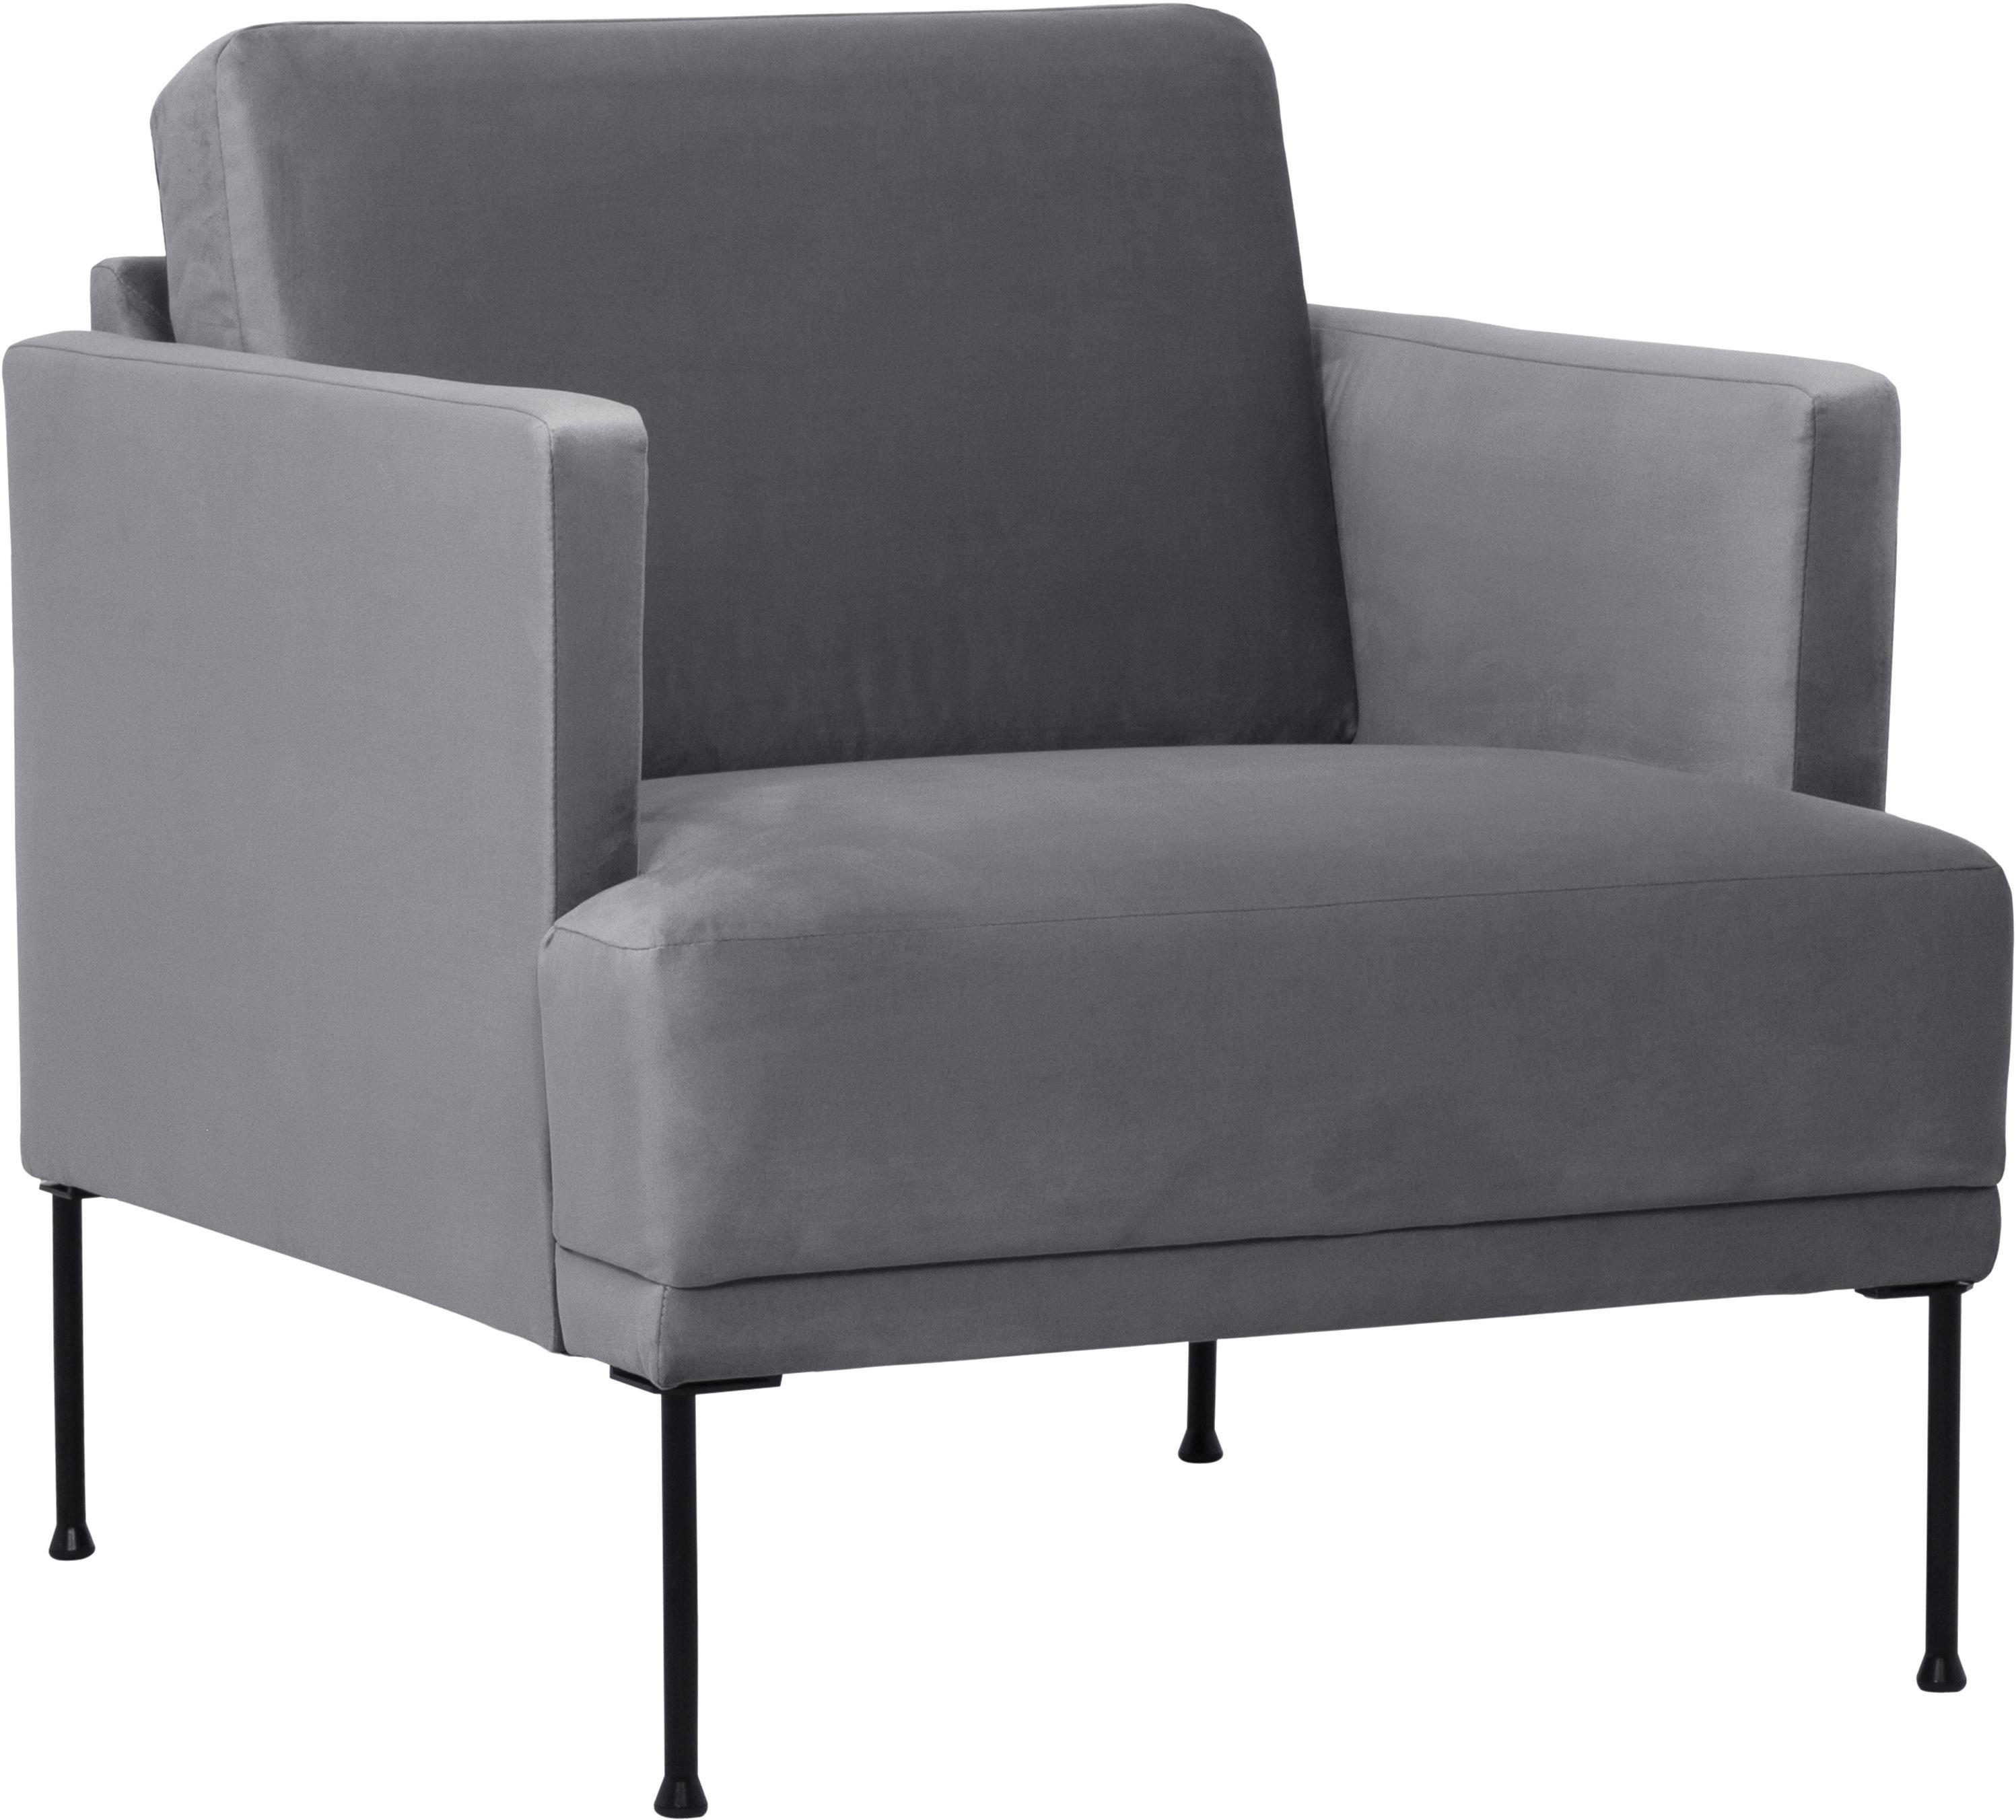 Fotel z aksamitu Fluente, Tapicerka: aksamit (wysokiej jakości, Stelaż: lite drewno sosnowe, Nogi: metal malowany proszkowo, Aksamitny szarobrązowy, S 74 x G 85 cm